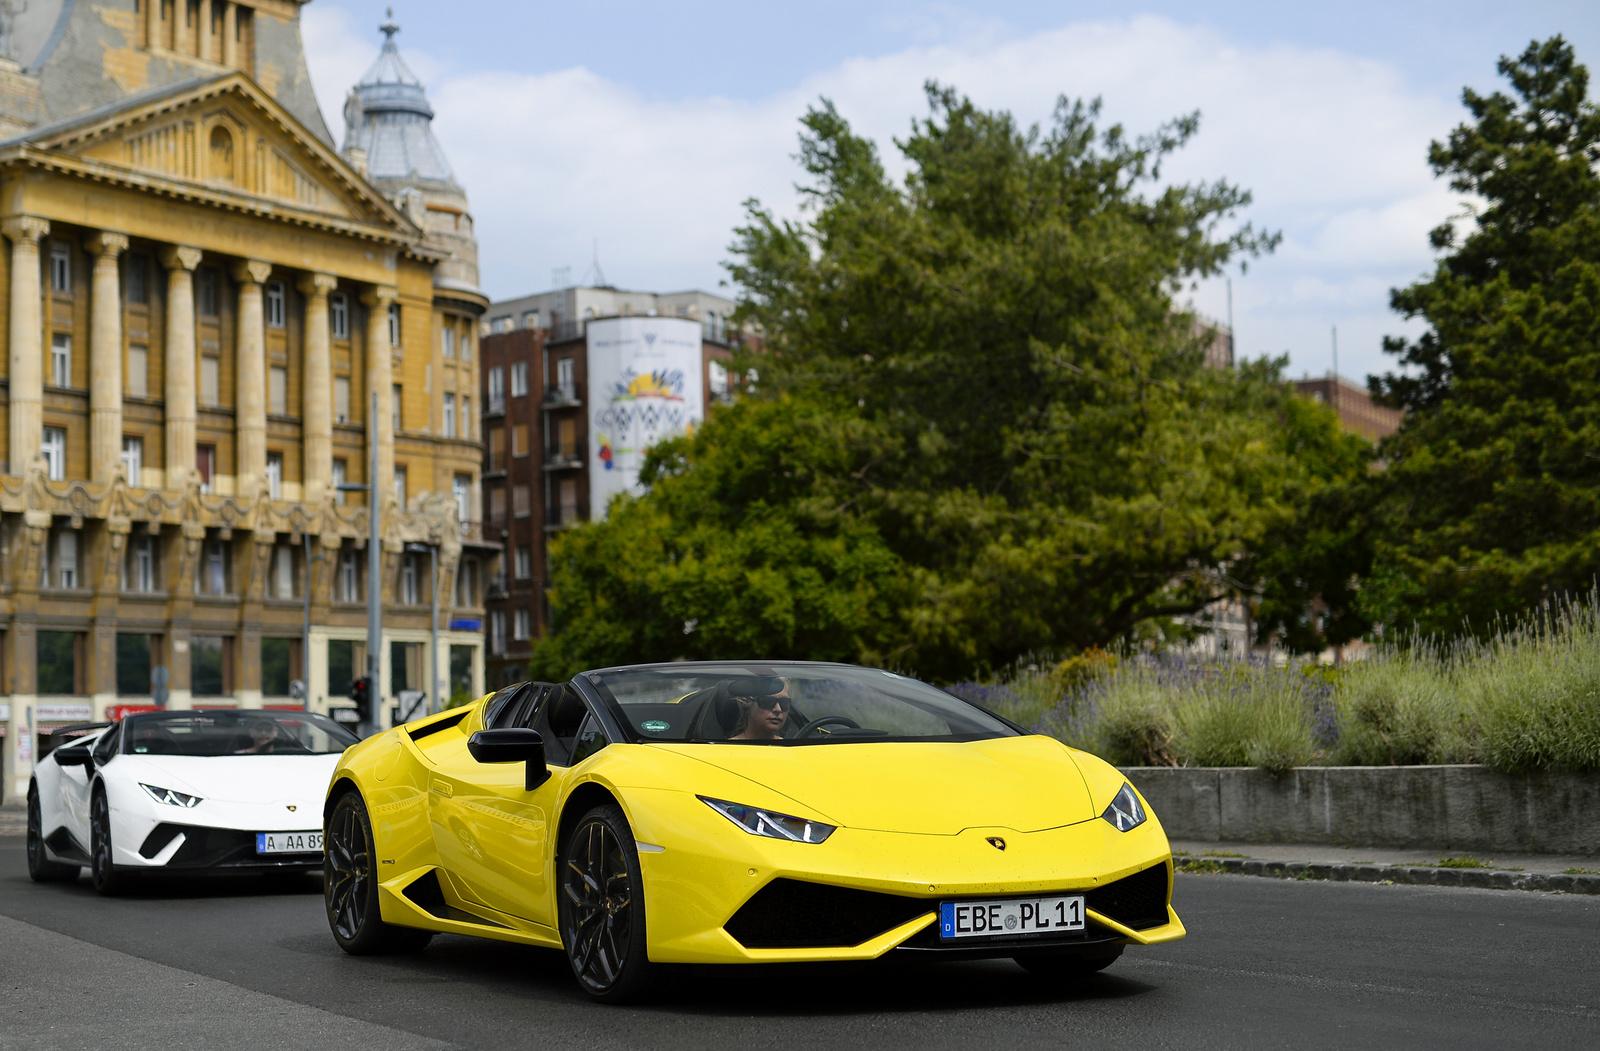 Lamborghini Huracán combo